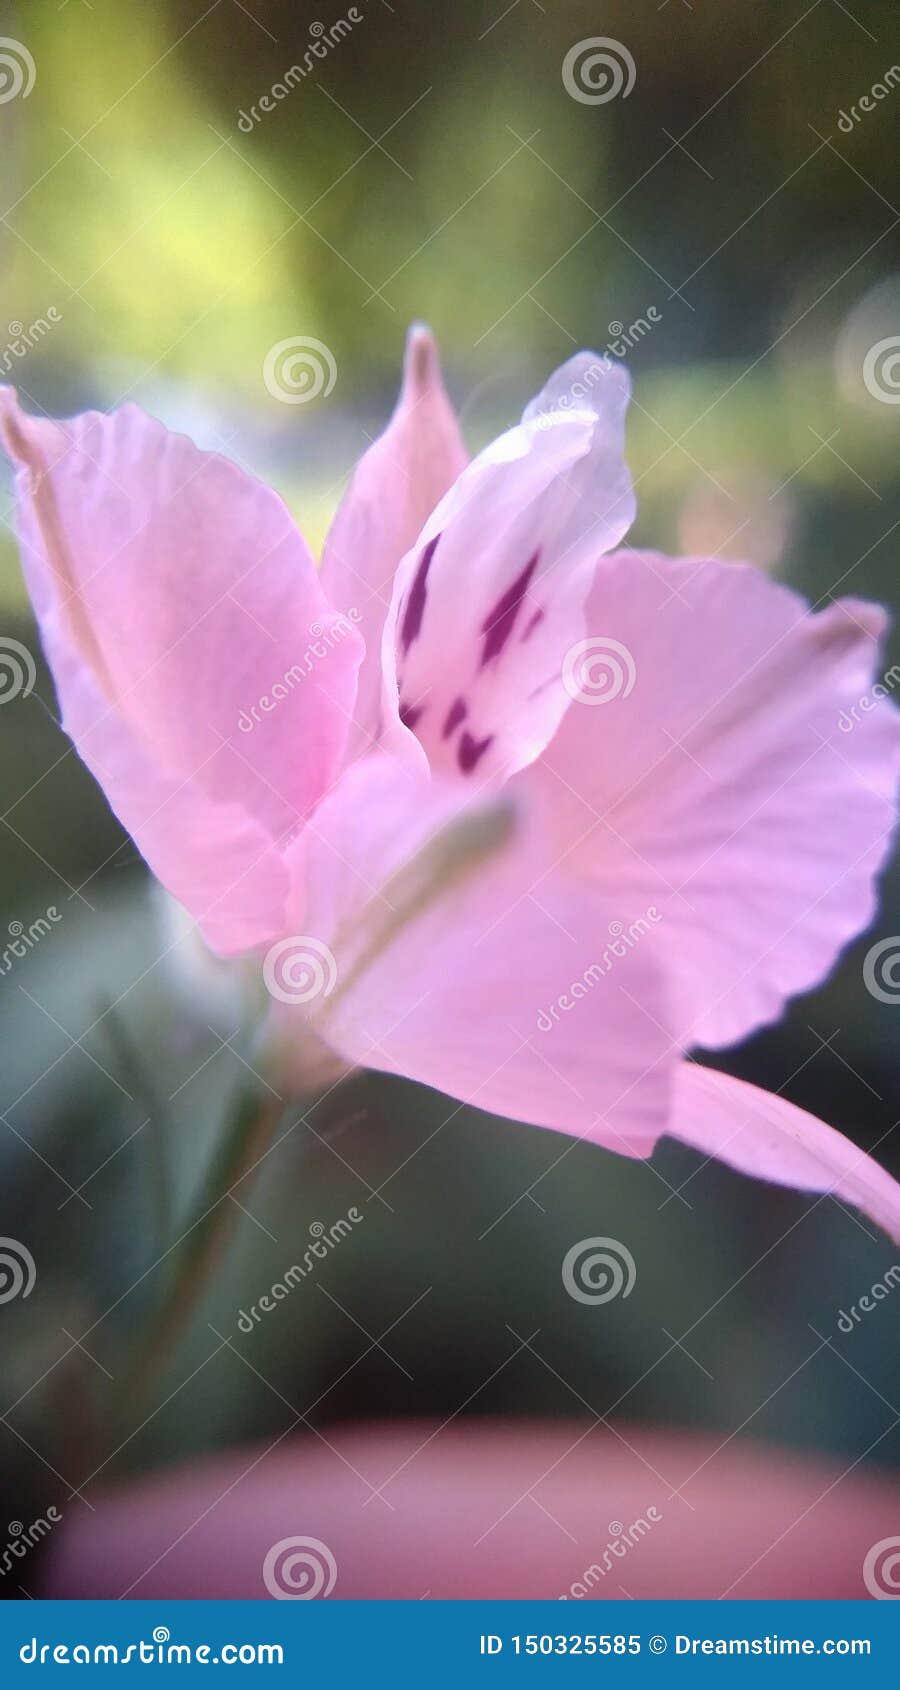 Красивые цветки в макросе снятые в городском пейзаже